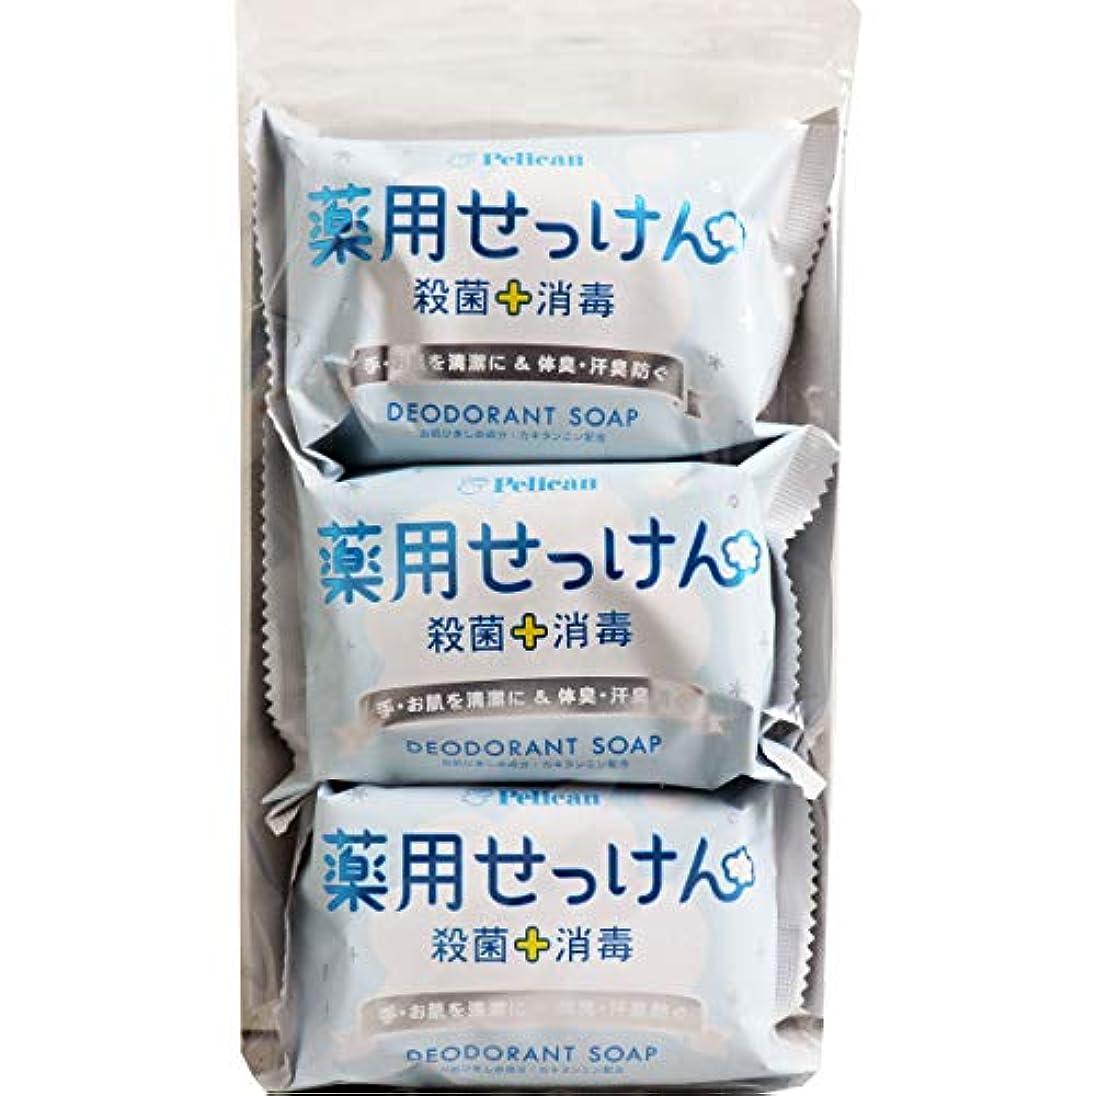 余韻申込み不可能なペリカン石鹸 薬用石けん 85g×3個×4パック